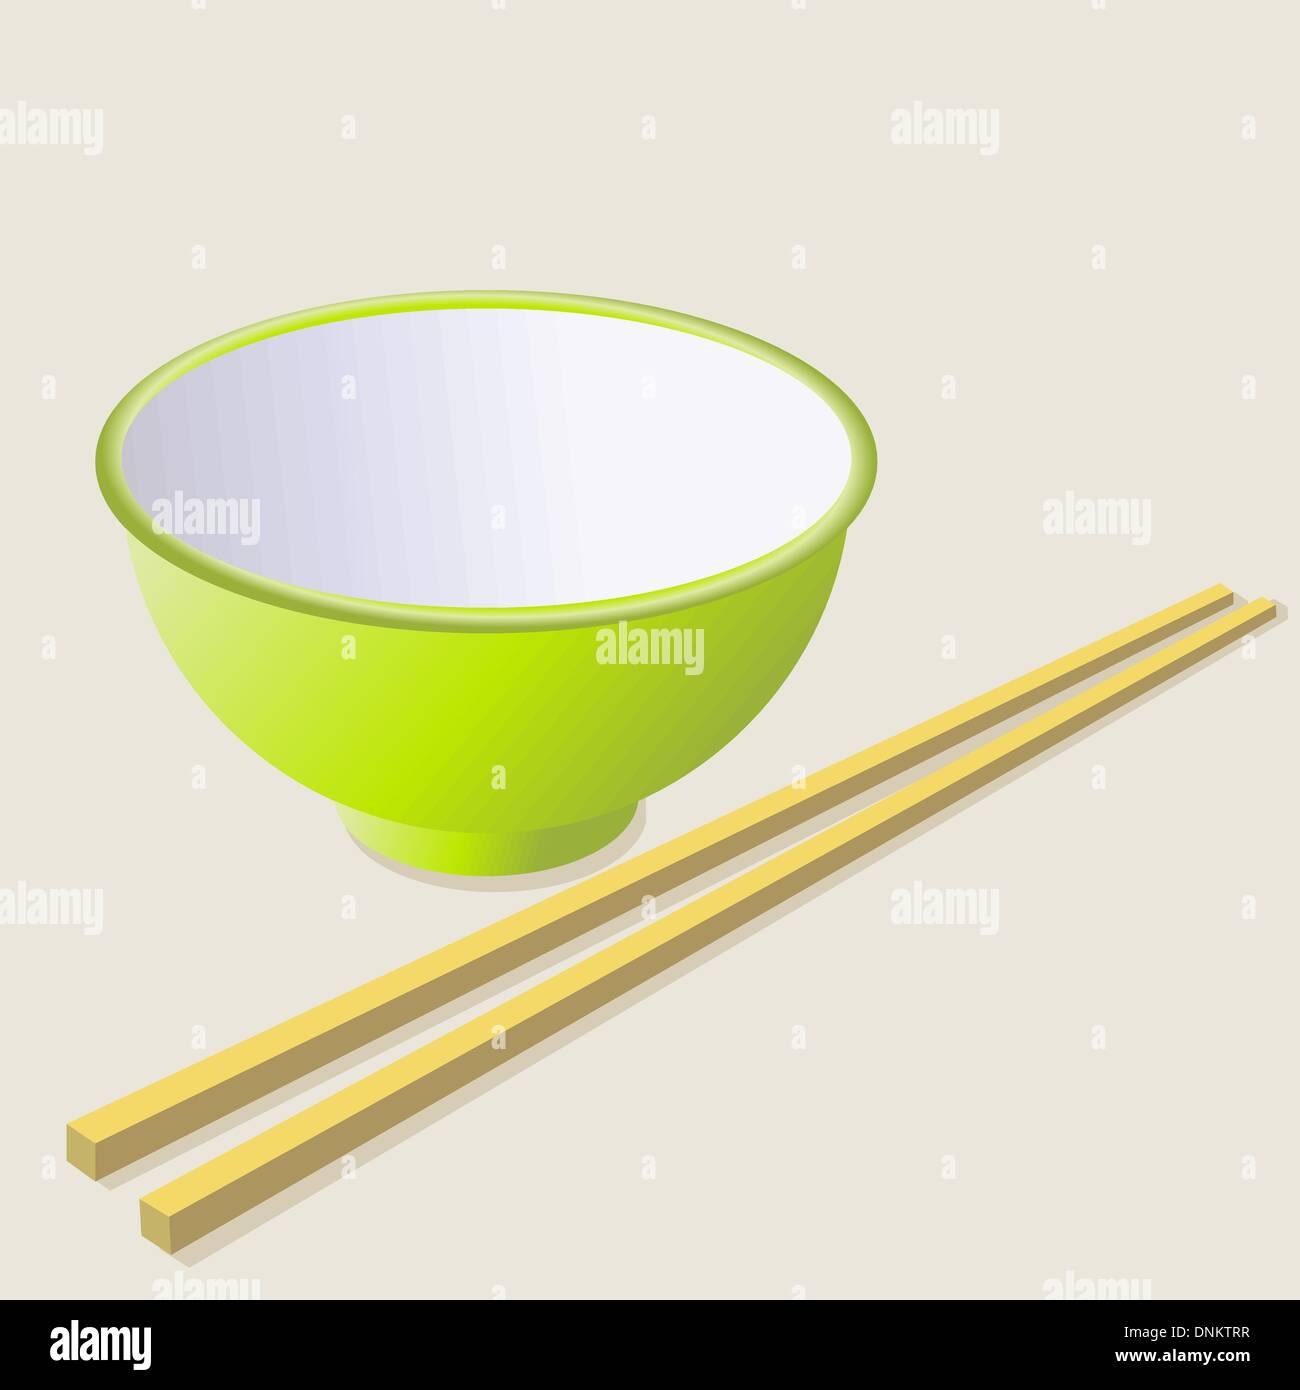 Tasse en céramique avec des bâtonnets de bois. Vector illustration. Illustration de Vecteur